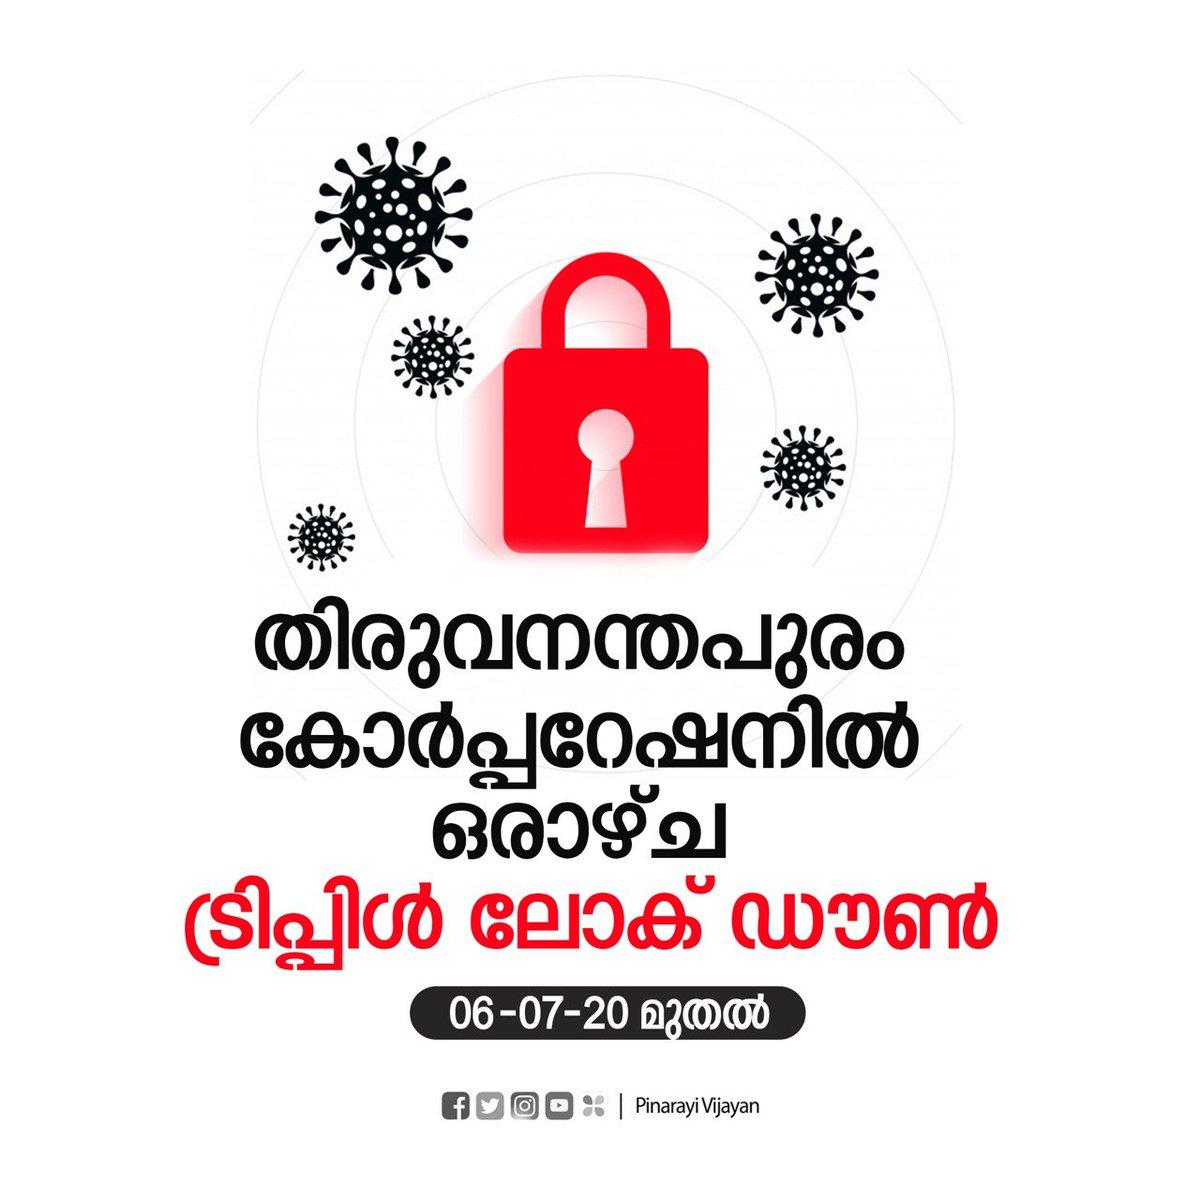 #COVID19 ൻ്റെ പശ്ചാത്തലത്തിൽ നാളെ (6- 7- 2020) രാവിലെ 6 മണി മുതൽ ഒരാഴ്ചത്തേക്ക് തിരുവനന്തപുരം കോർപ്പറേഷനിൽ ട്രിപ്പിൾ ലോക് ഡൗൺ ഏർപ്പെടുത്തും. Triple lockdown in Thiruvananthapuram Corporation. It will commence at 6M tomorrow morning & will remain in force for a week.